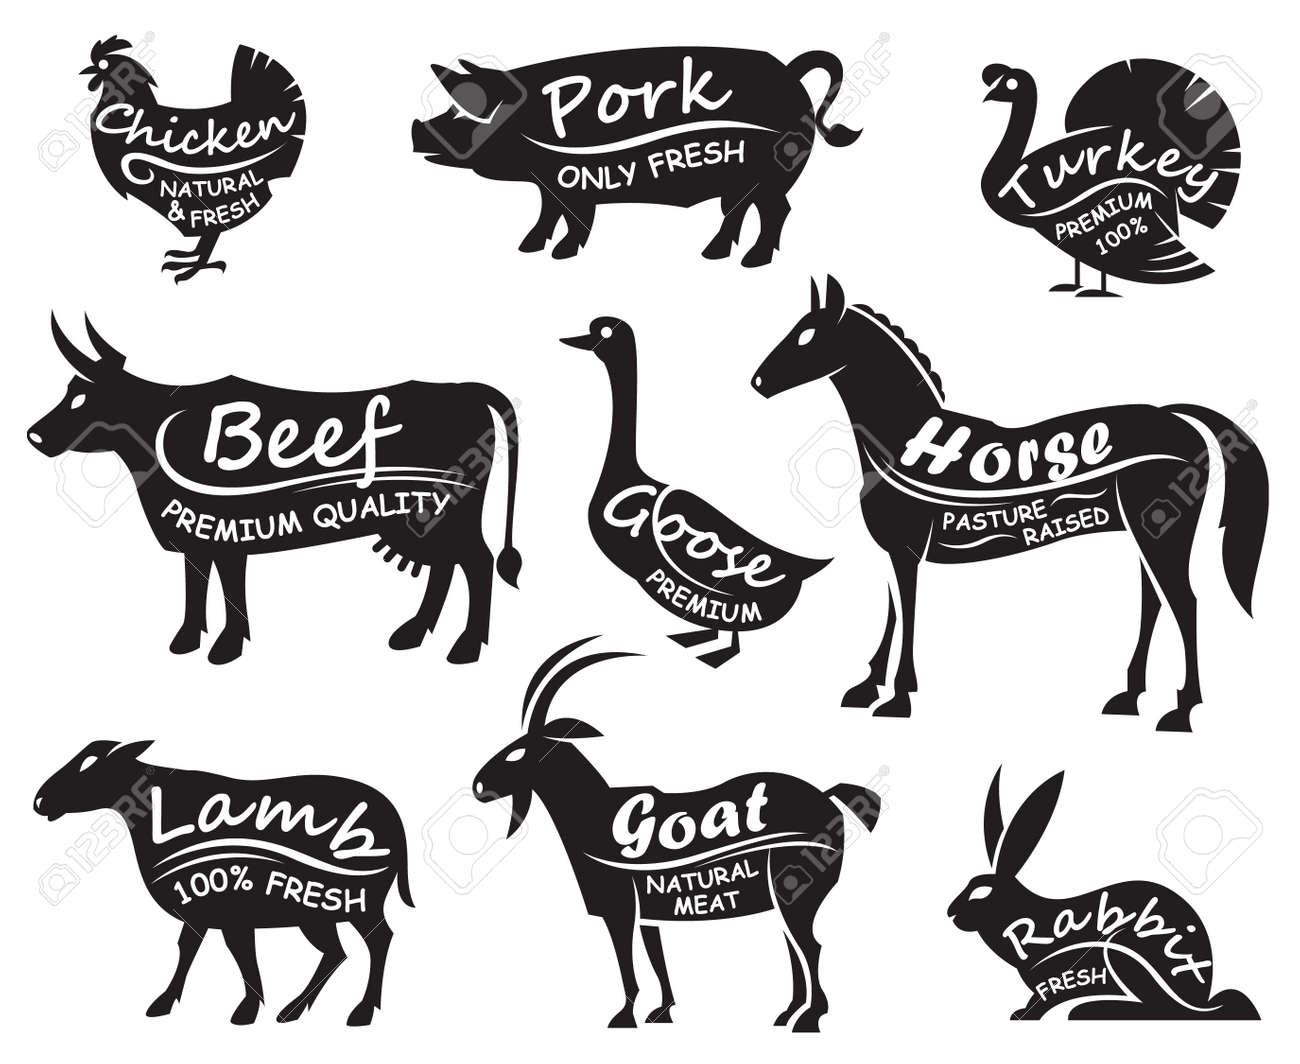 9 つの農場の動物のモノクロ イラスト ロイヤリティフリークリップアート